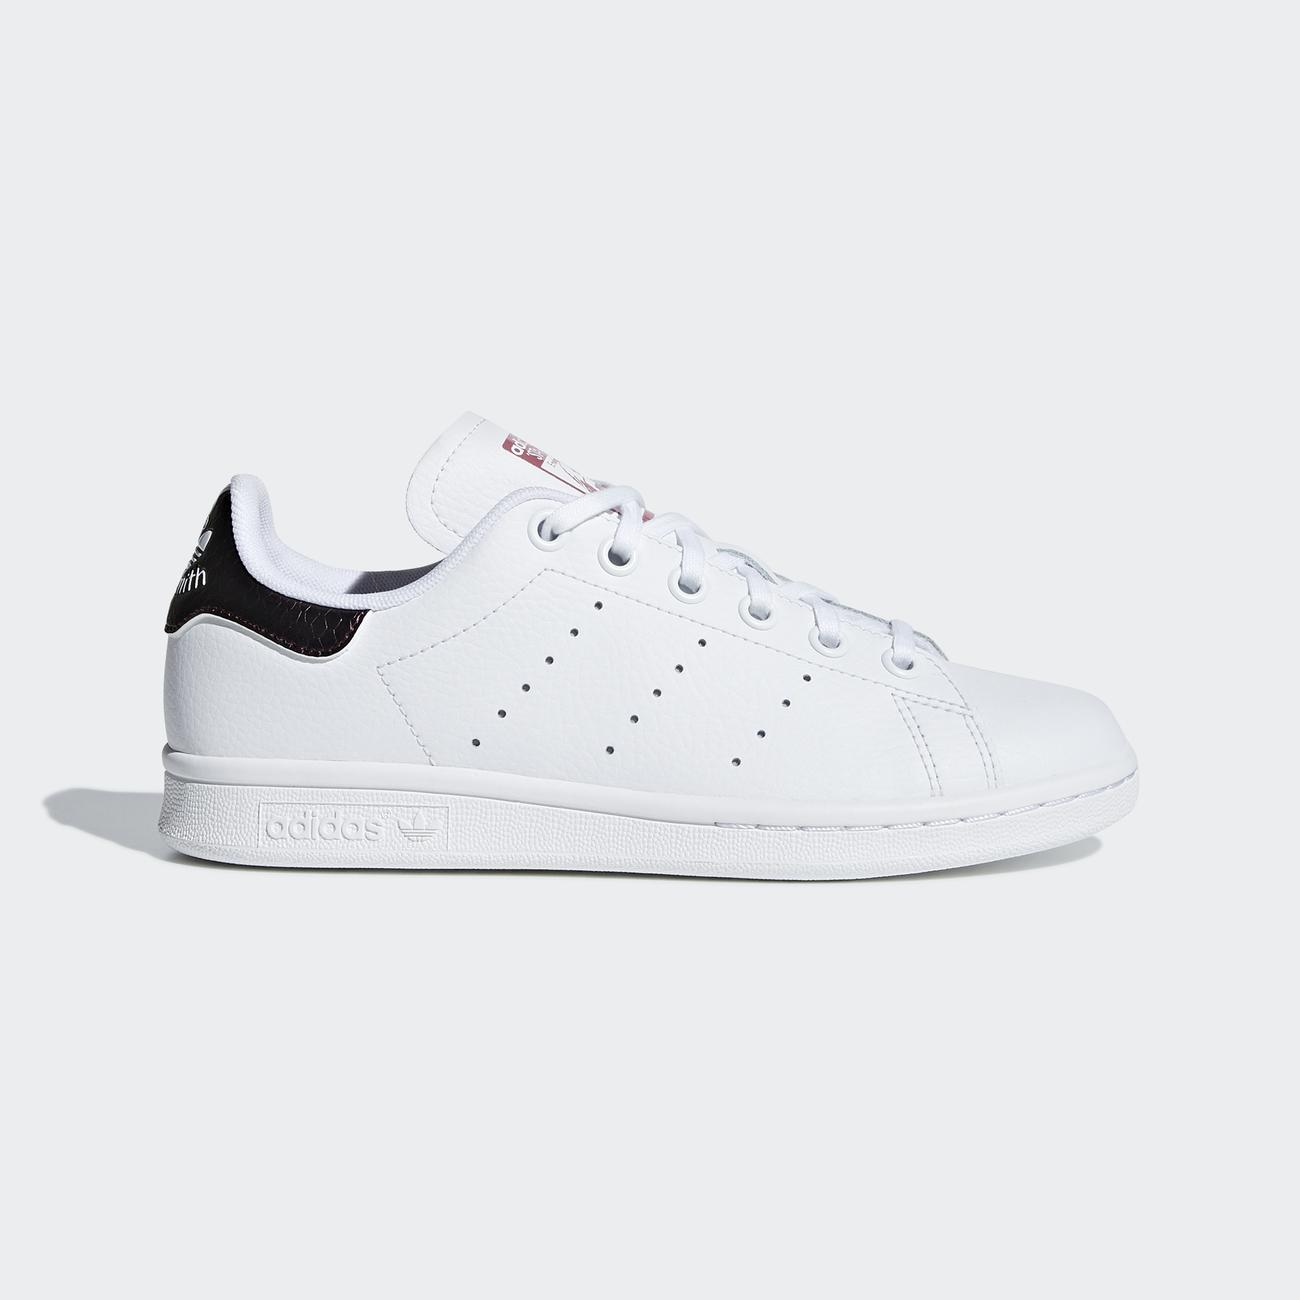 c2b71117e8ba1 Adidas Originals Shoes Stan Smith Junior Ftwr White ftwr White trace ...